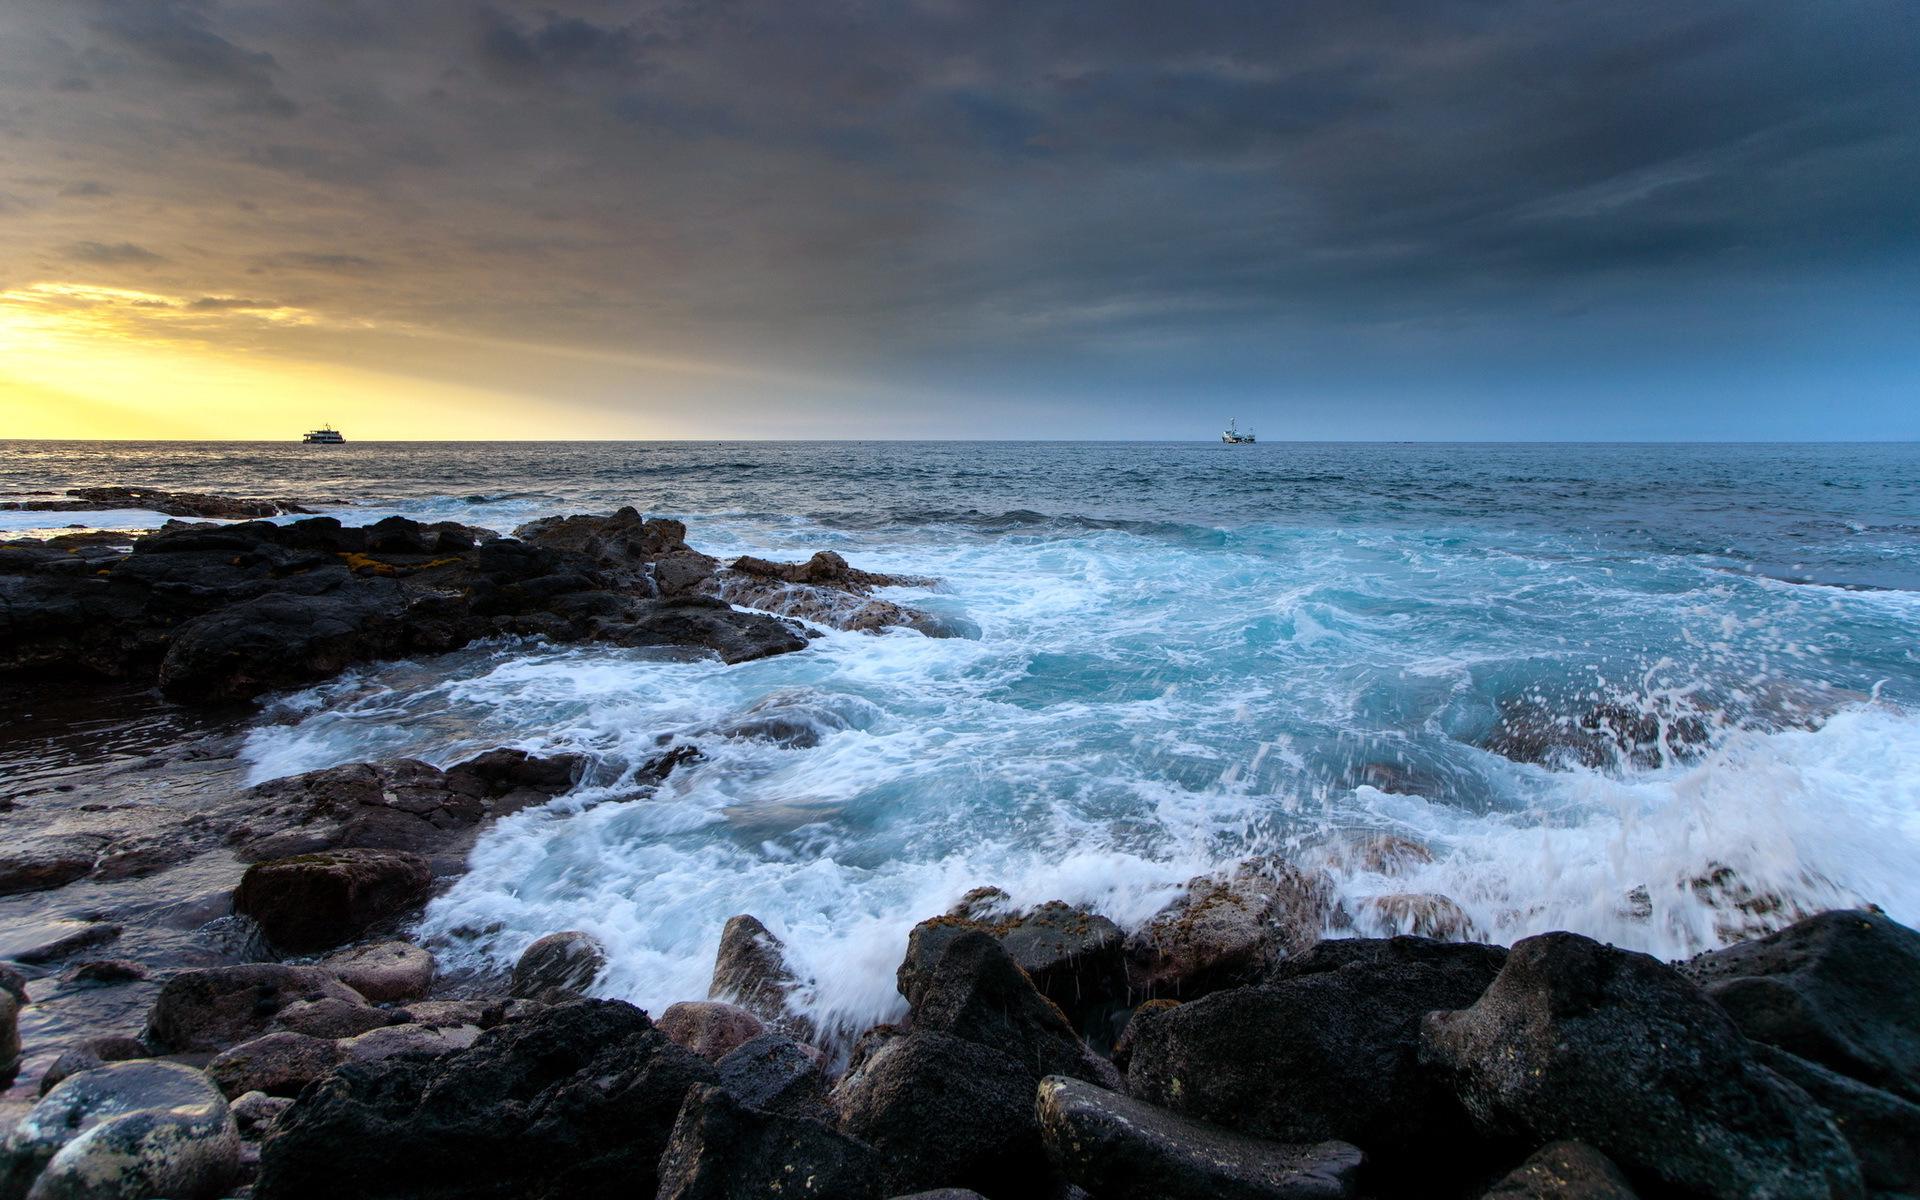 crashing waves wallpaper surge